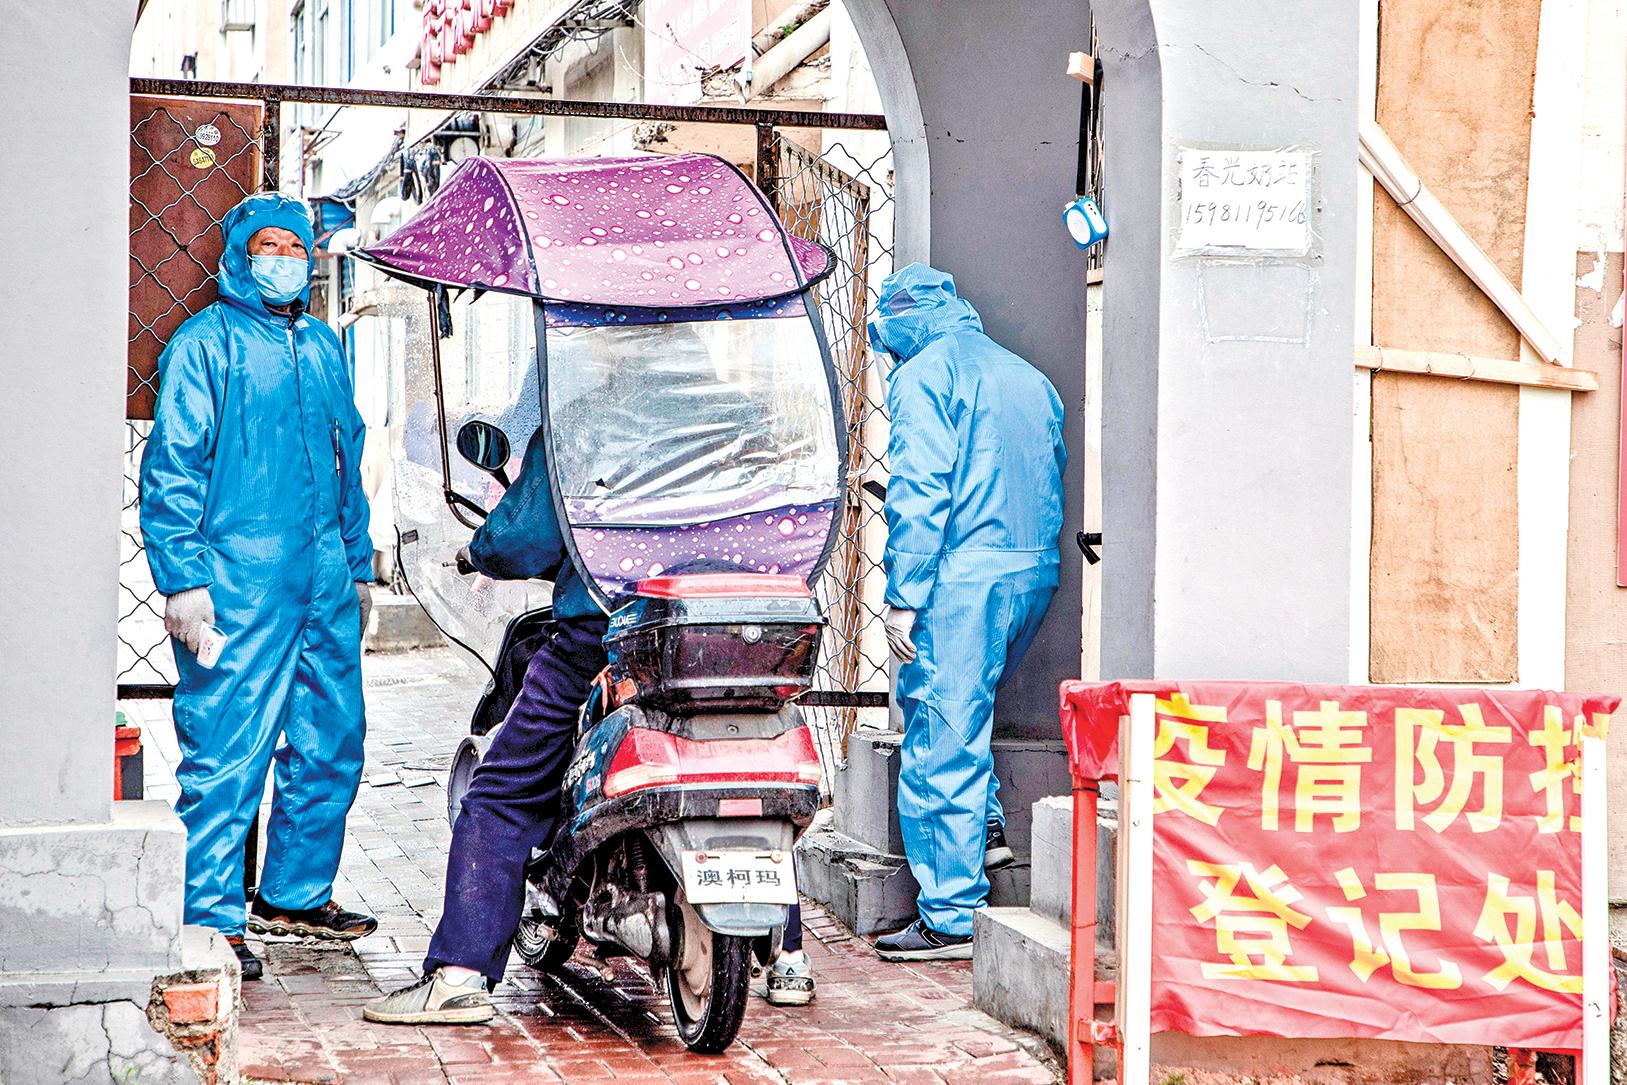 近來,上海、天津、內蒙古等地中共病毒(武漢肺炎)本土疫情再起。圖為5月22日吉林某社區登記身份。(STR/AFP via Getty Images)